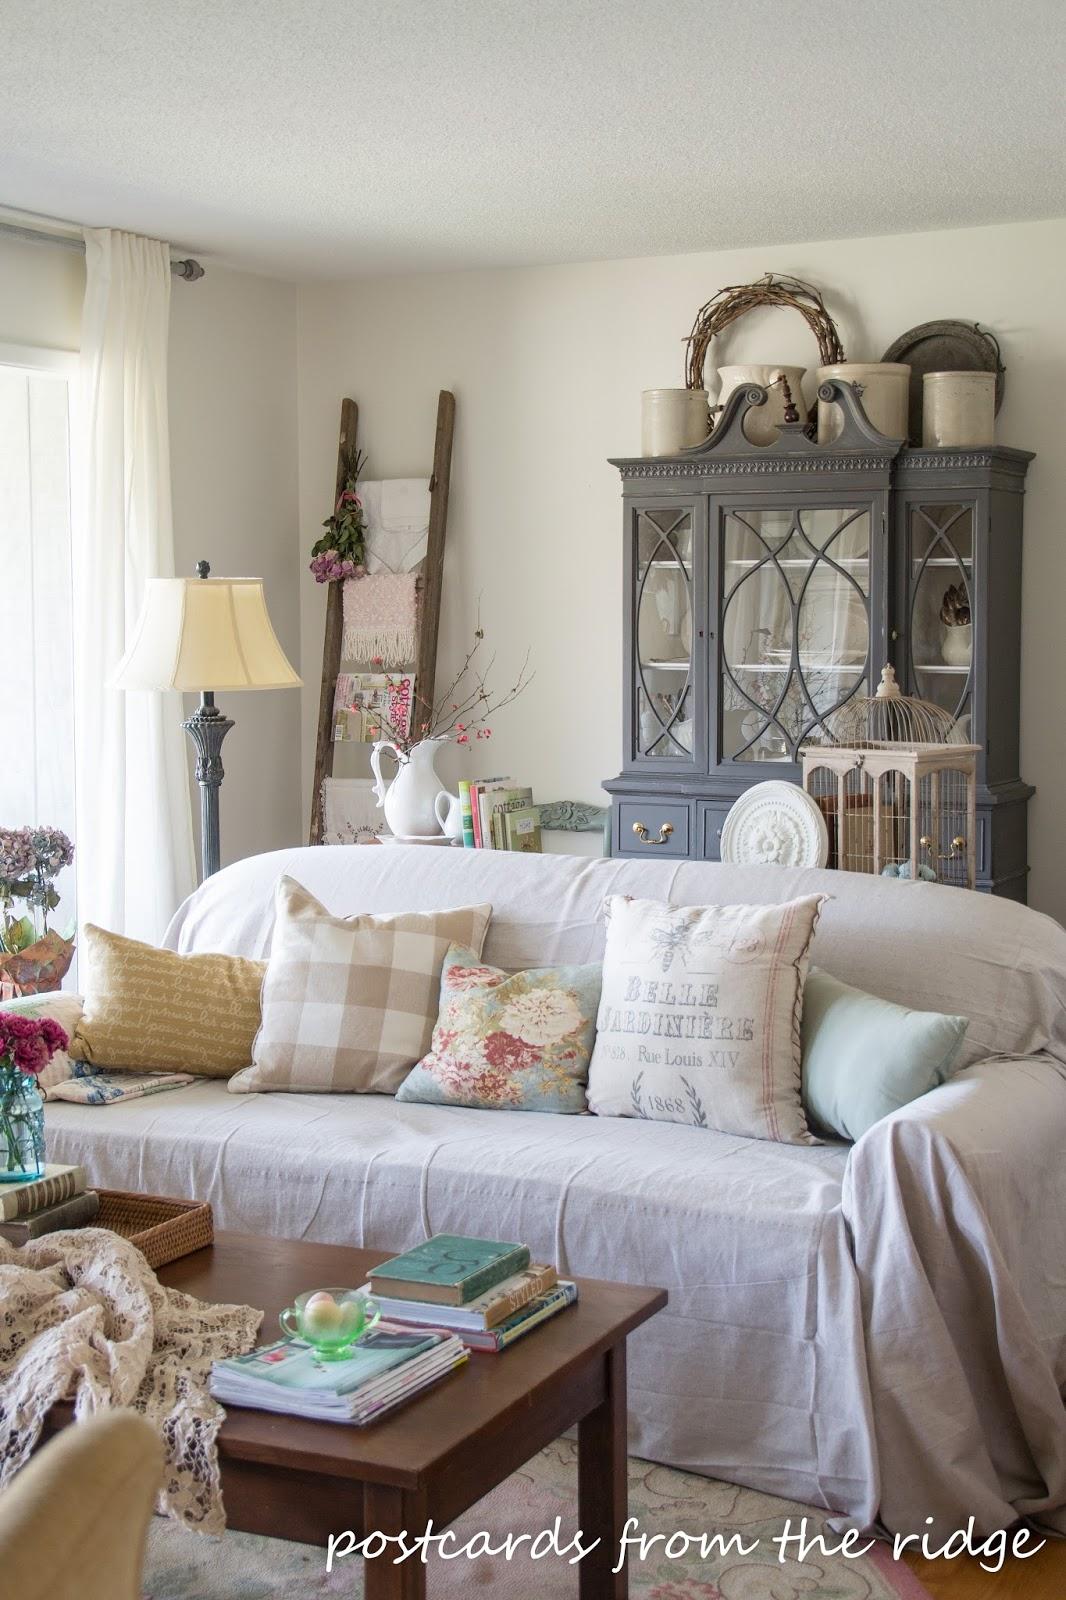 spring throw pillows and home decor